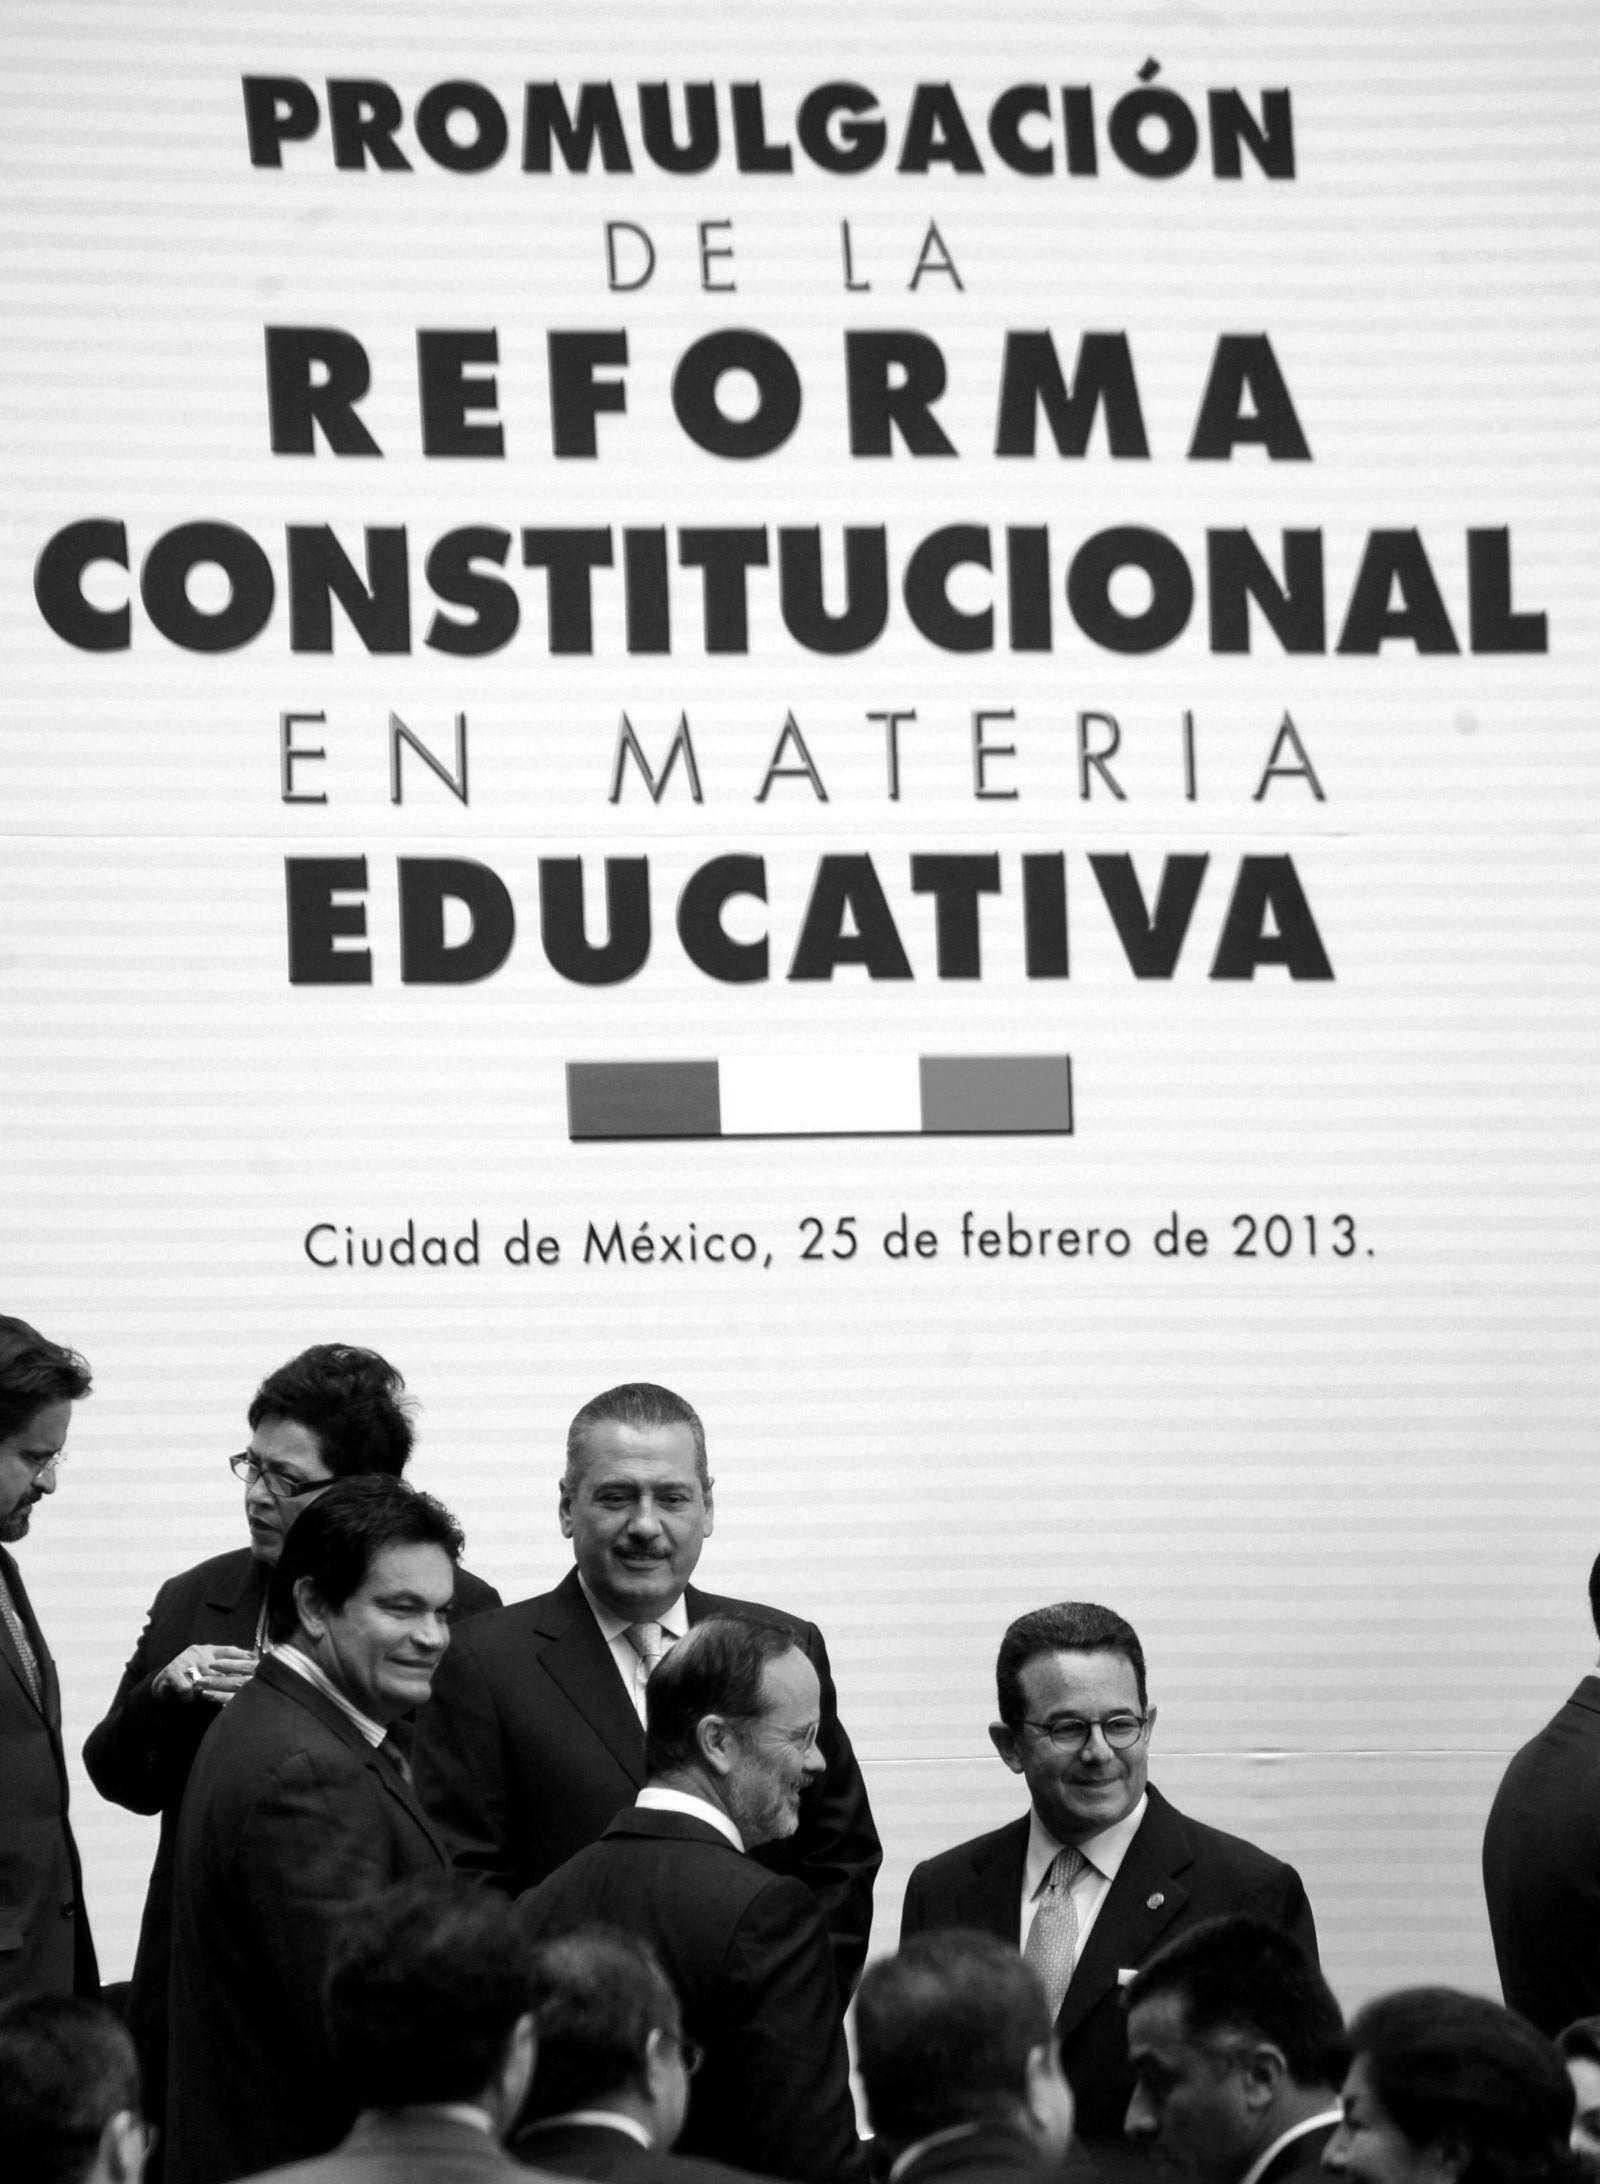 traiciones reforma laboral no educativa el presente